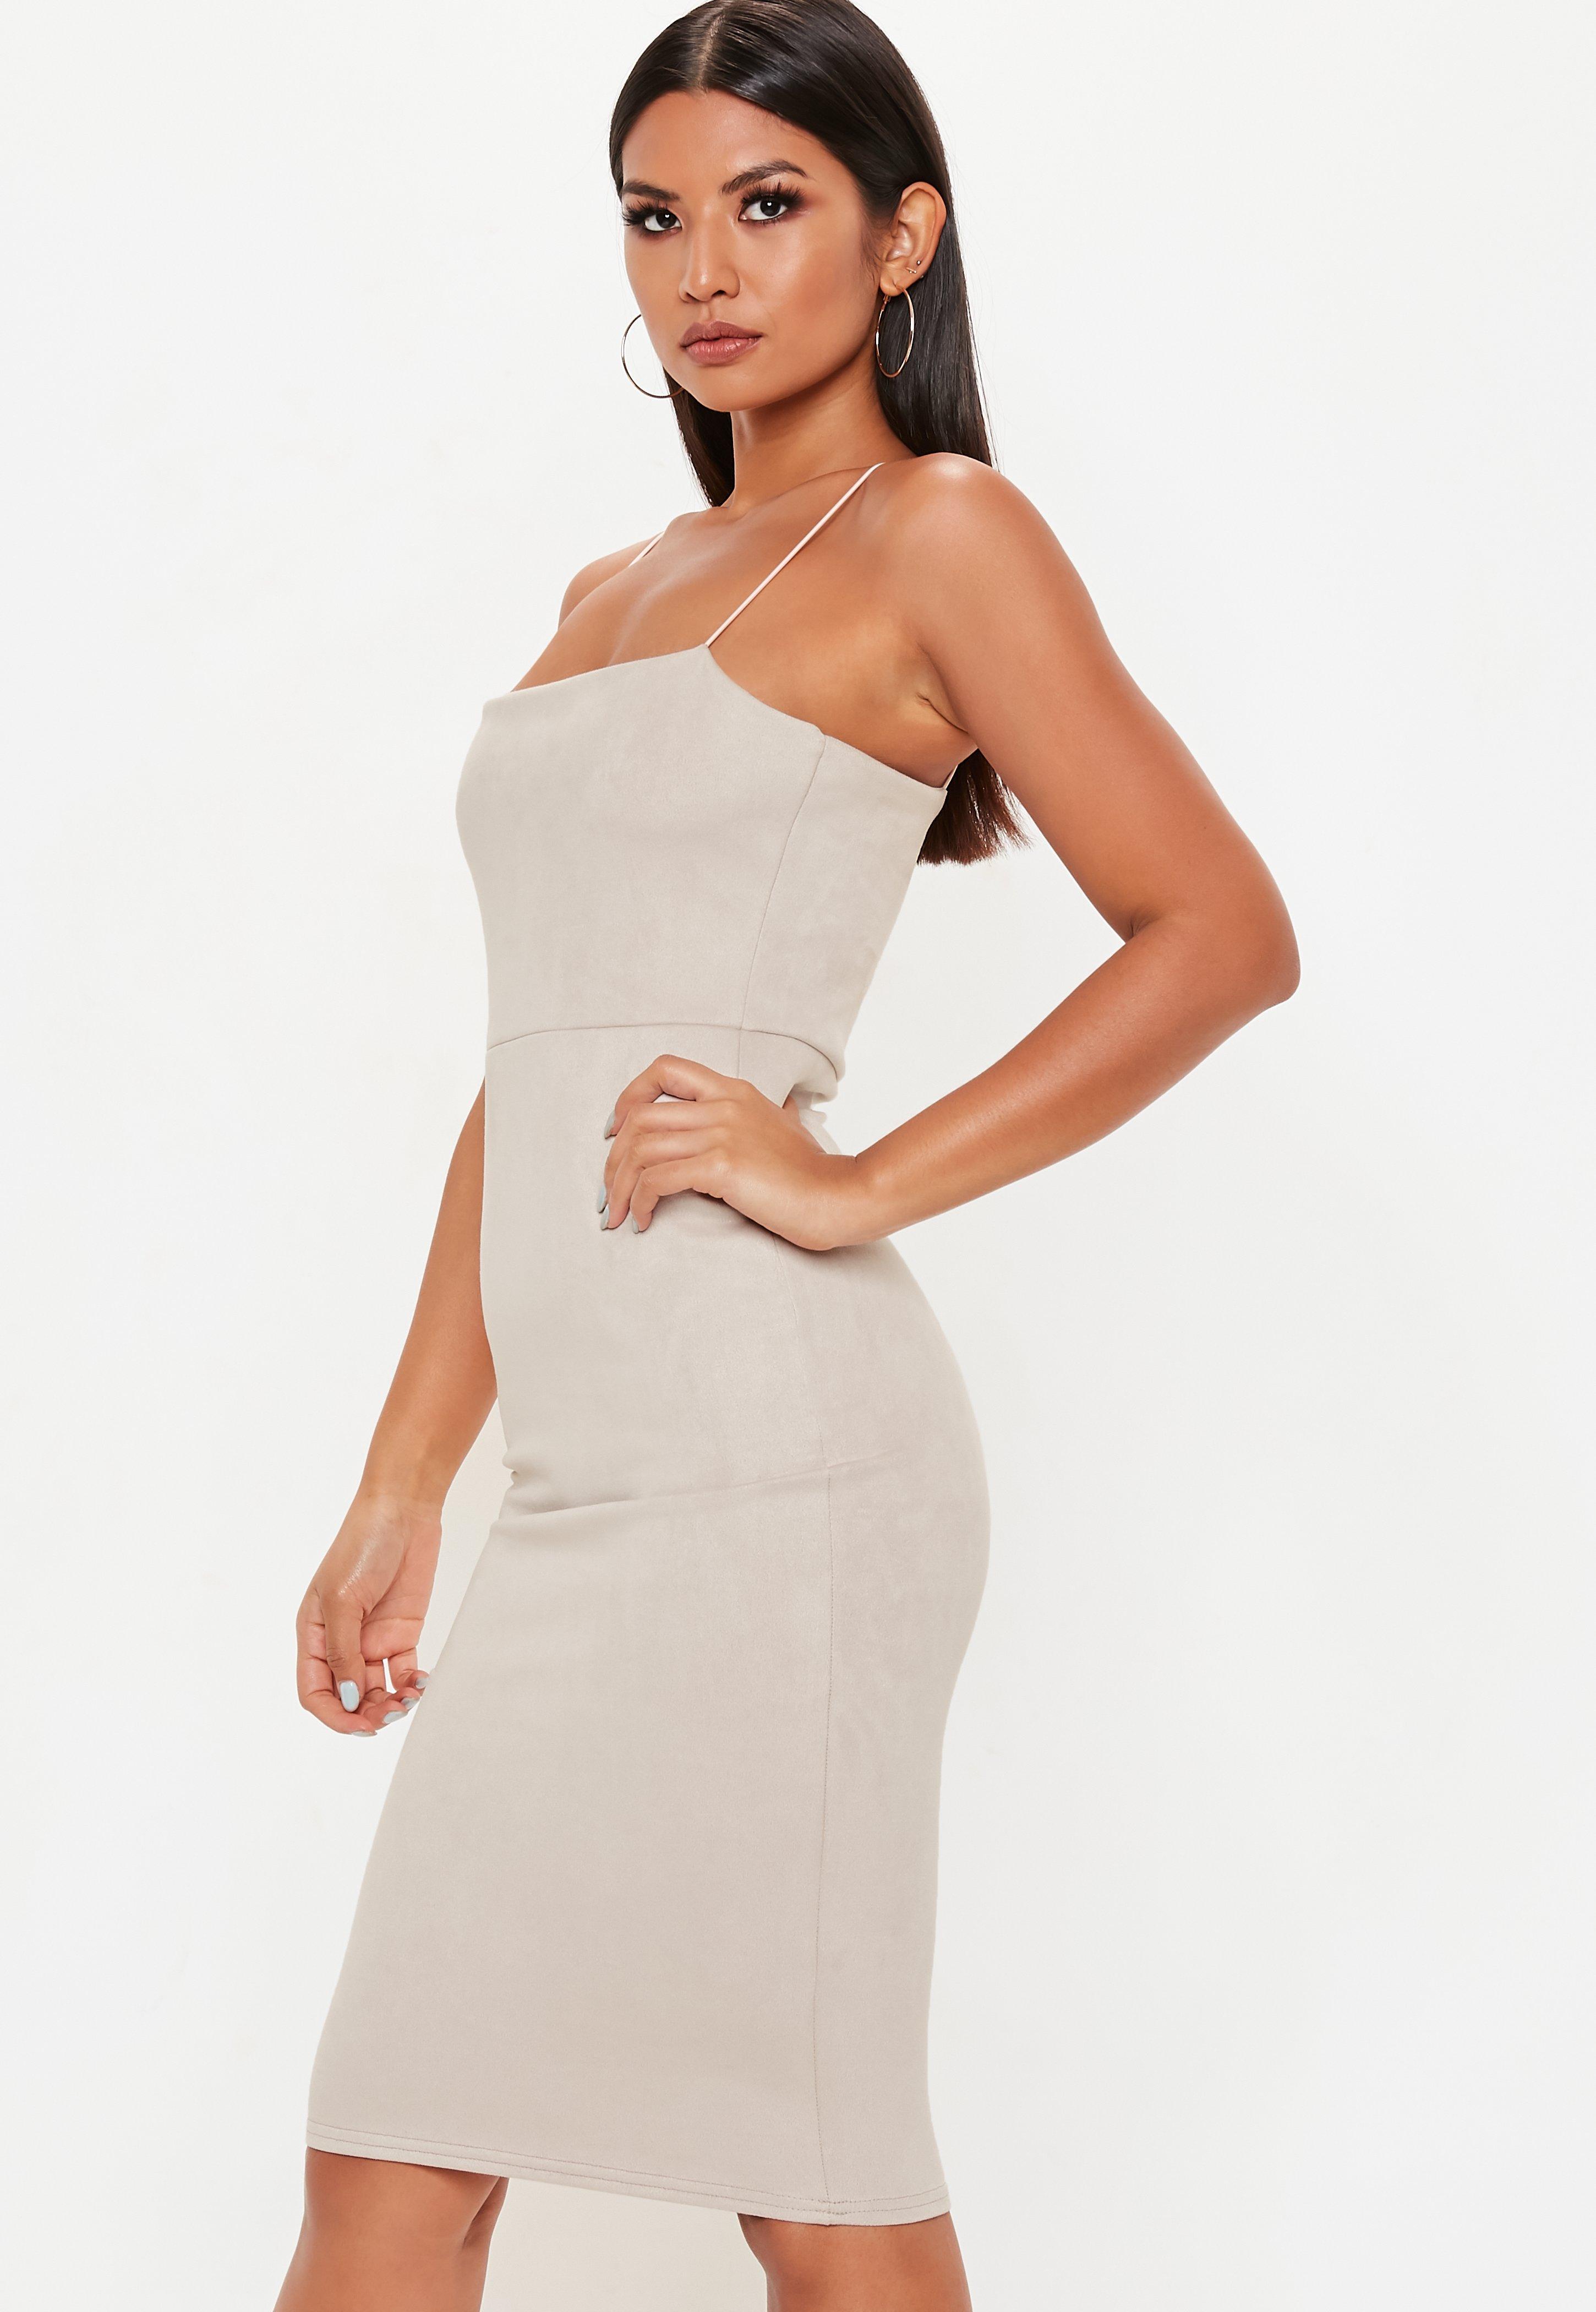 99386f42d73c Suede Dresses | Faux Suede Dresses - Missguided